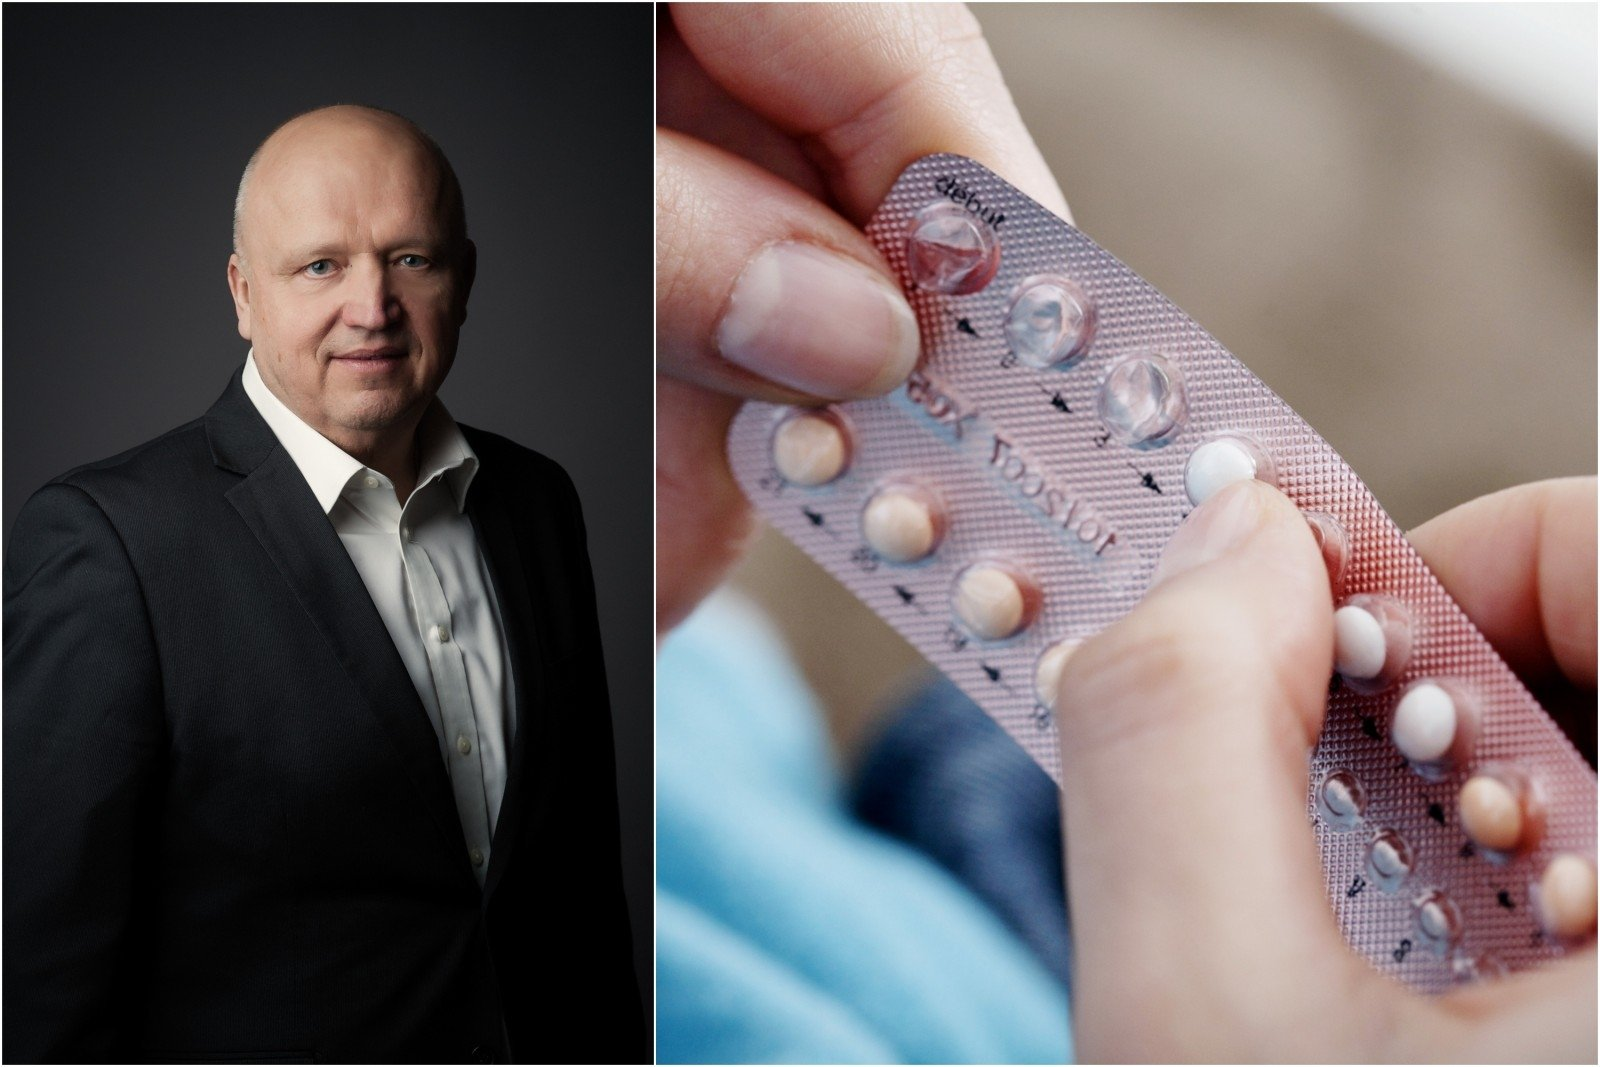 kokius kontraceptikus galima naudoti sergant hipertenzija)